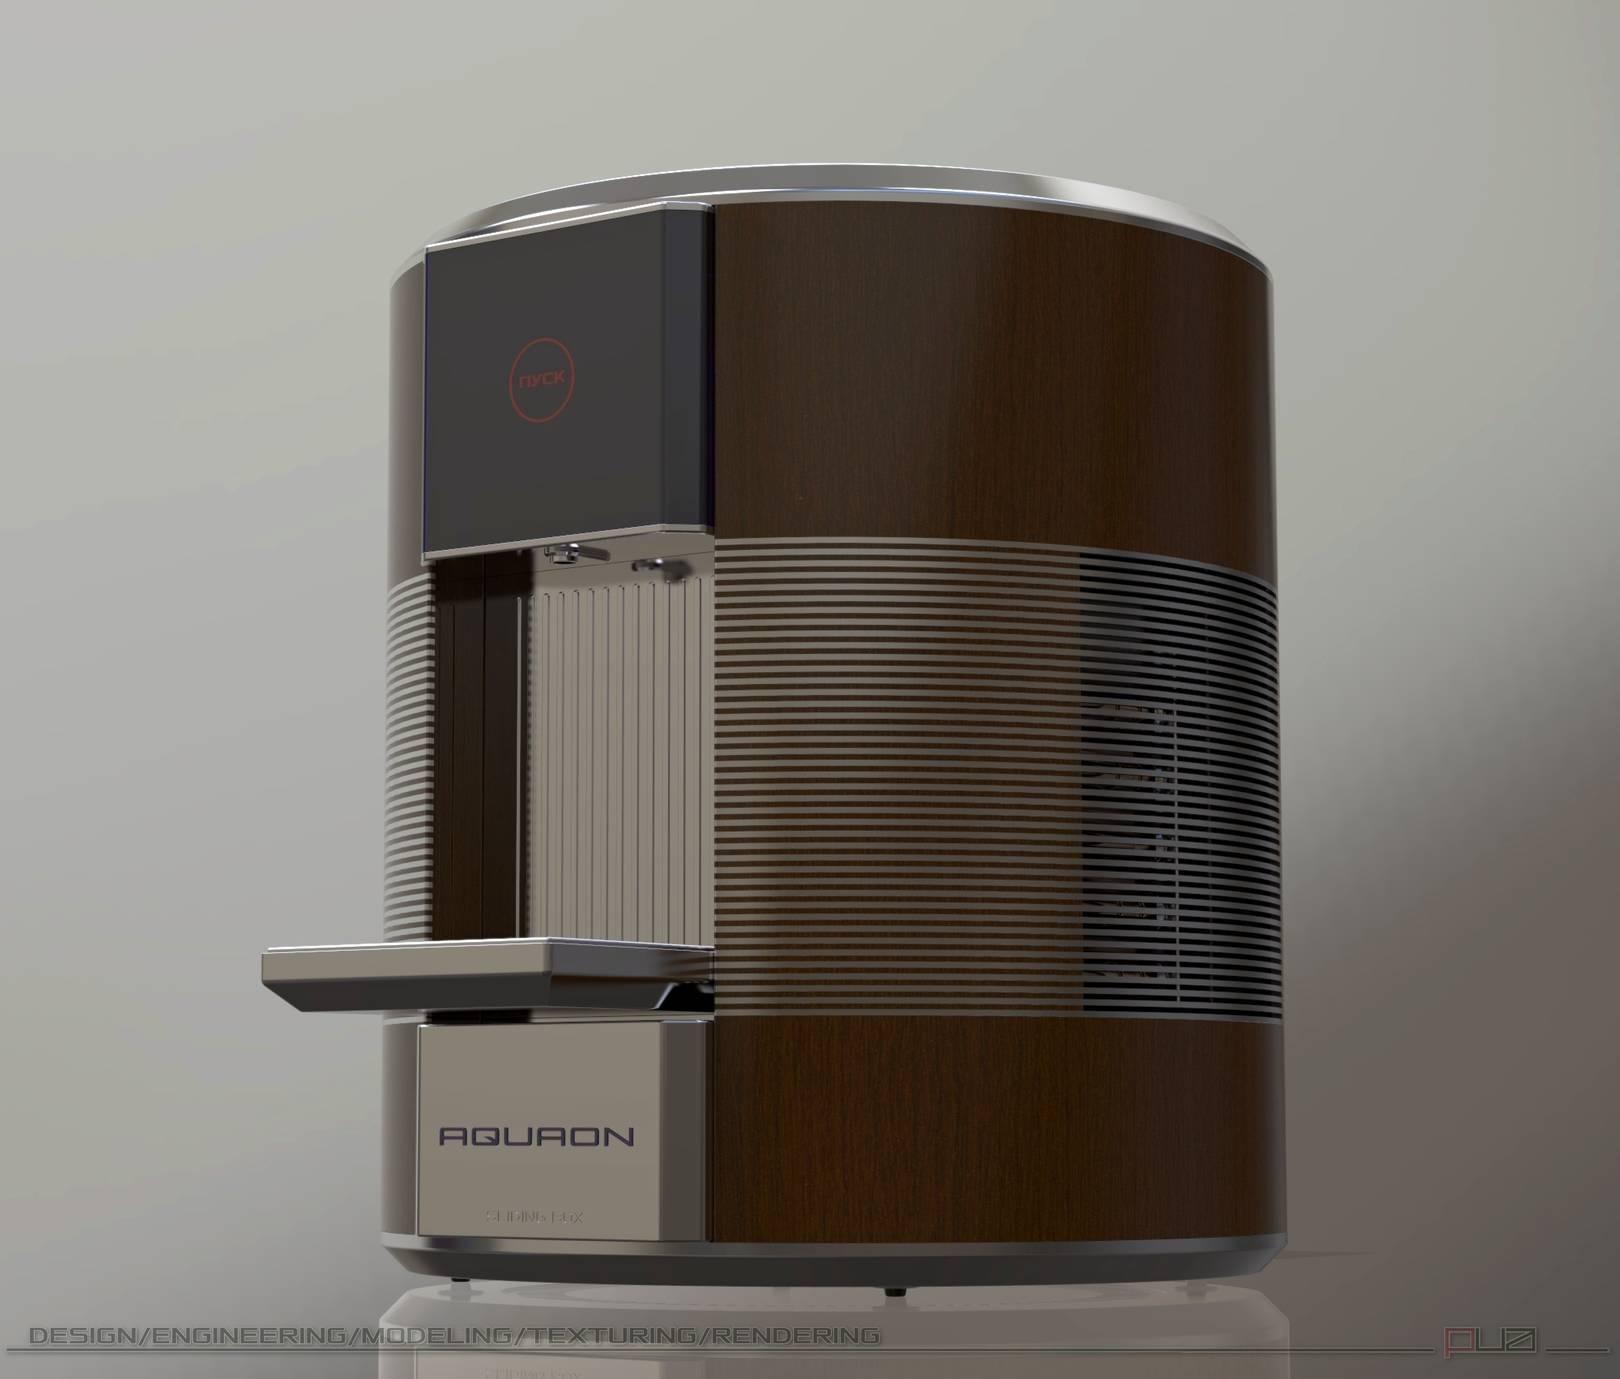 NPM Group  Промышленный дизайн, моделирование, визуализация.  AQUAON прибор приготовления талой воды